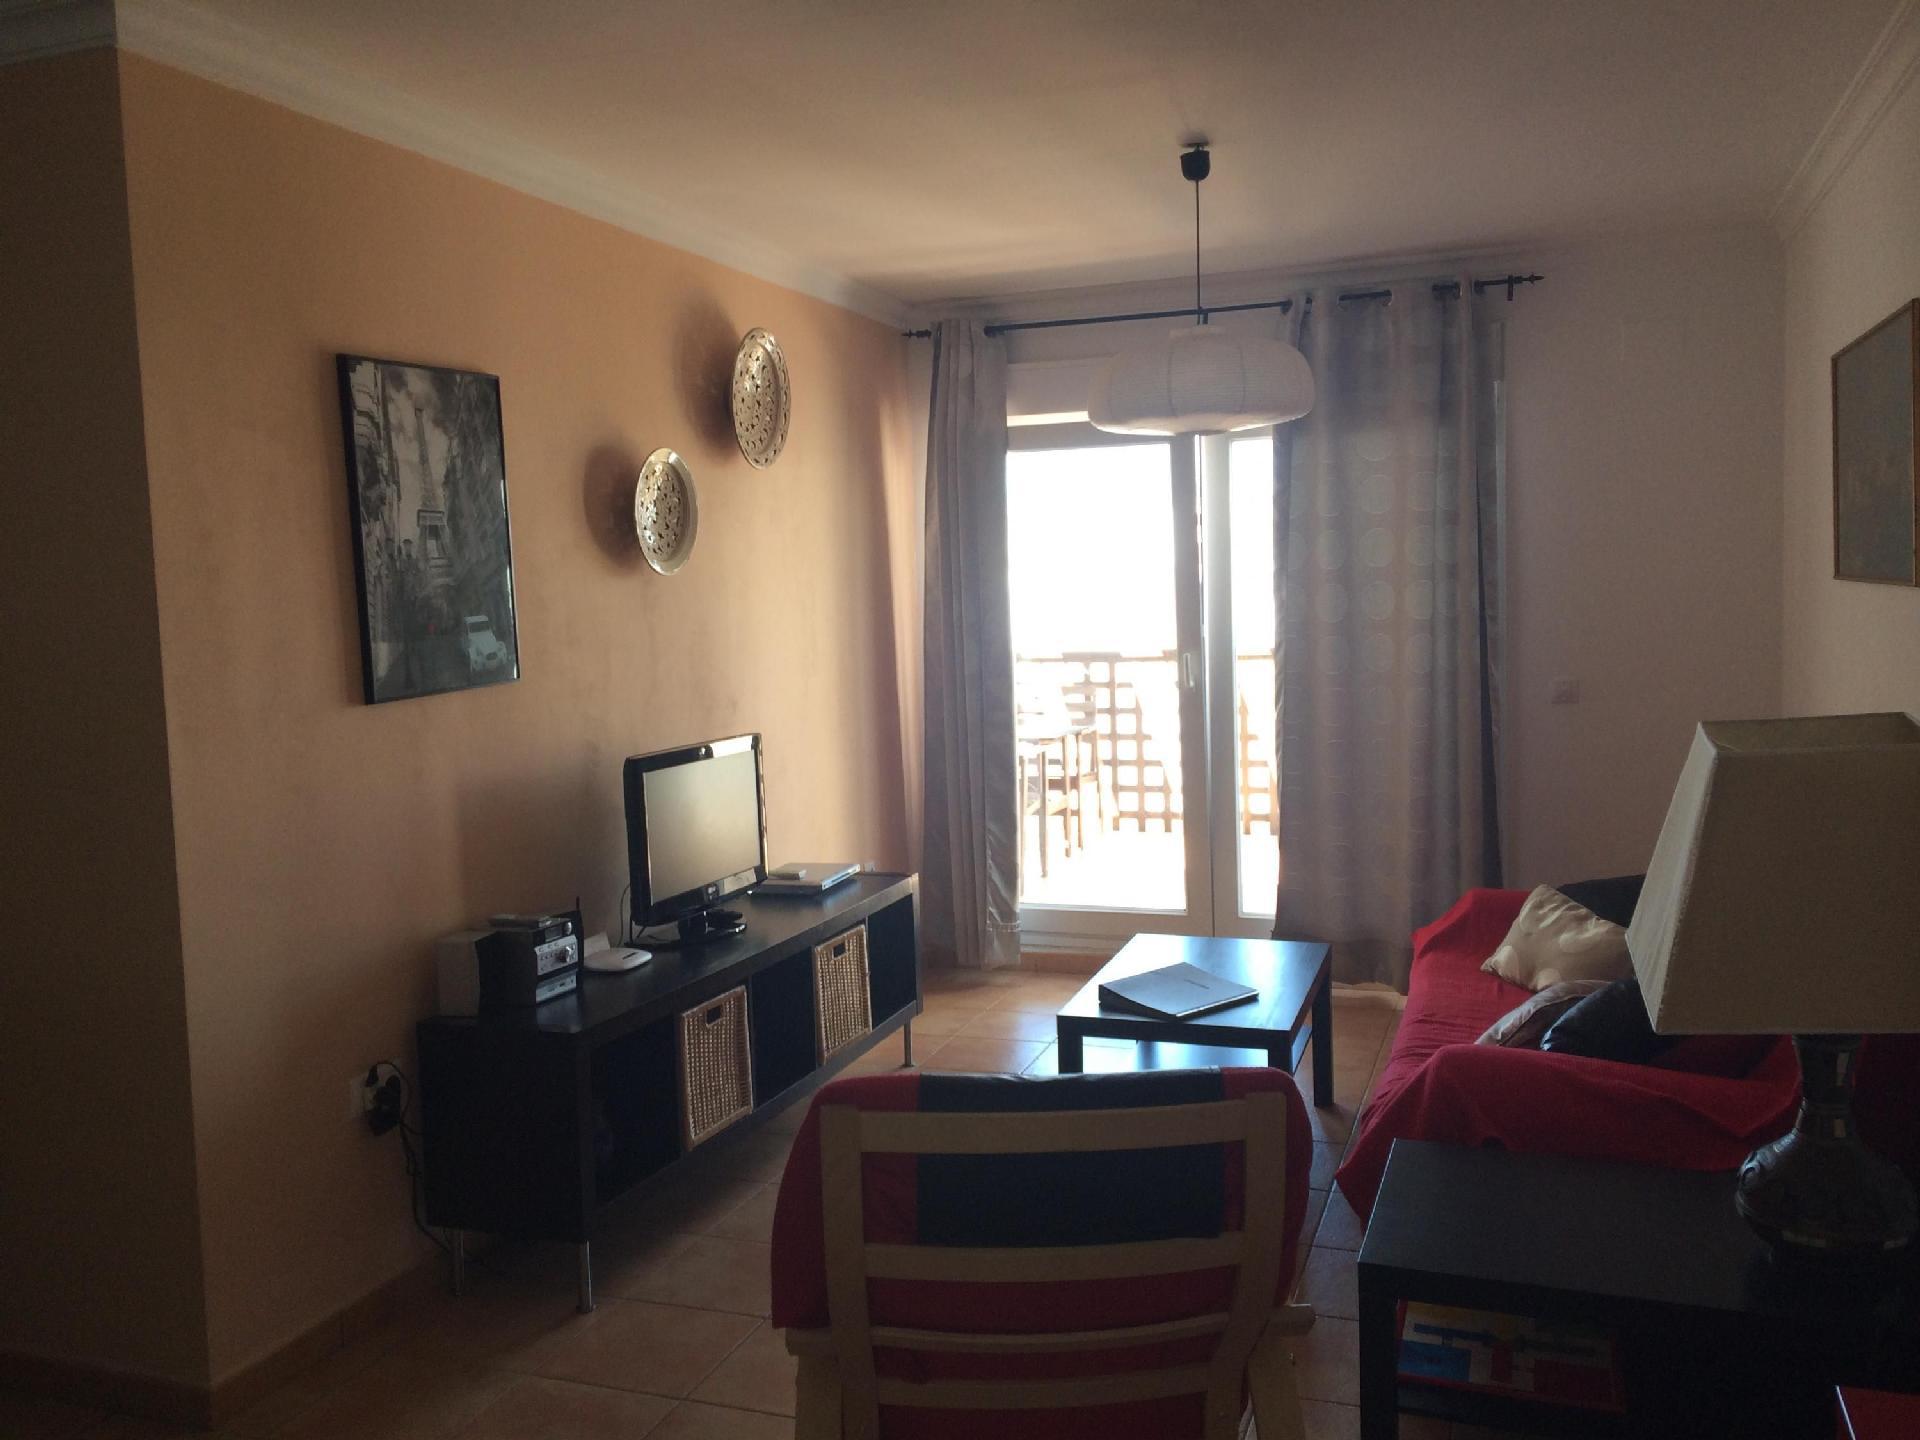 Ferienwohnung für 8 Personen ca. 130 m²